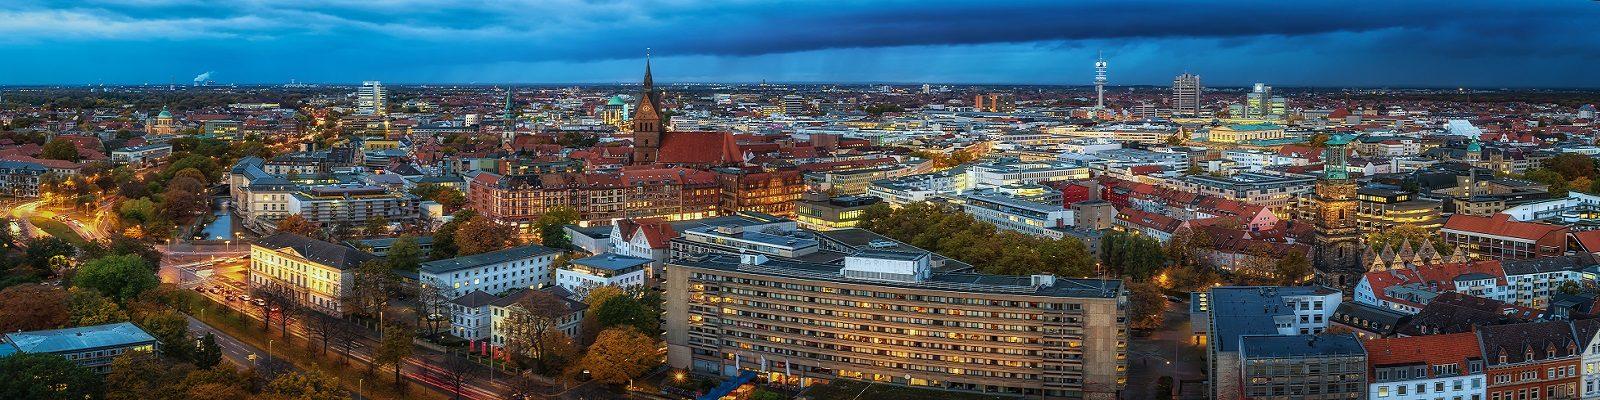 Blick über Hannover mit Innenstadt und Maschsee